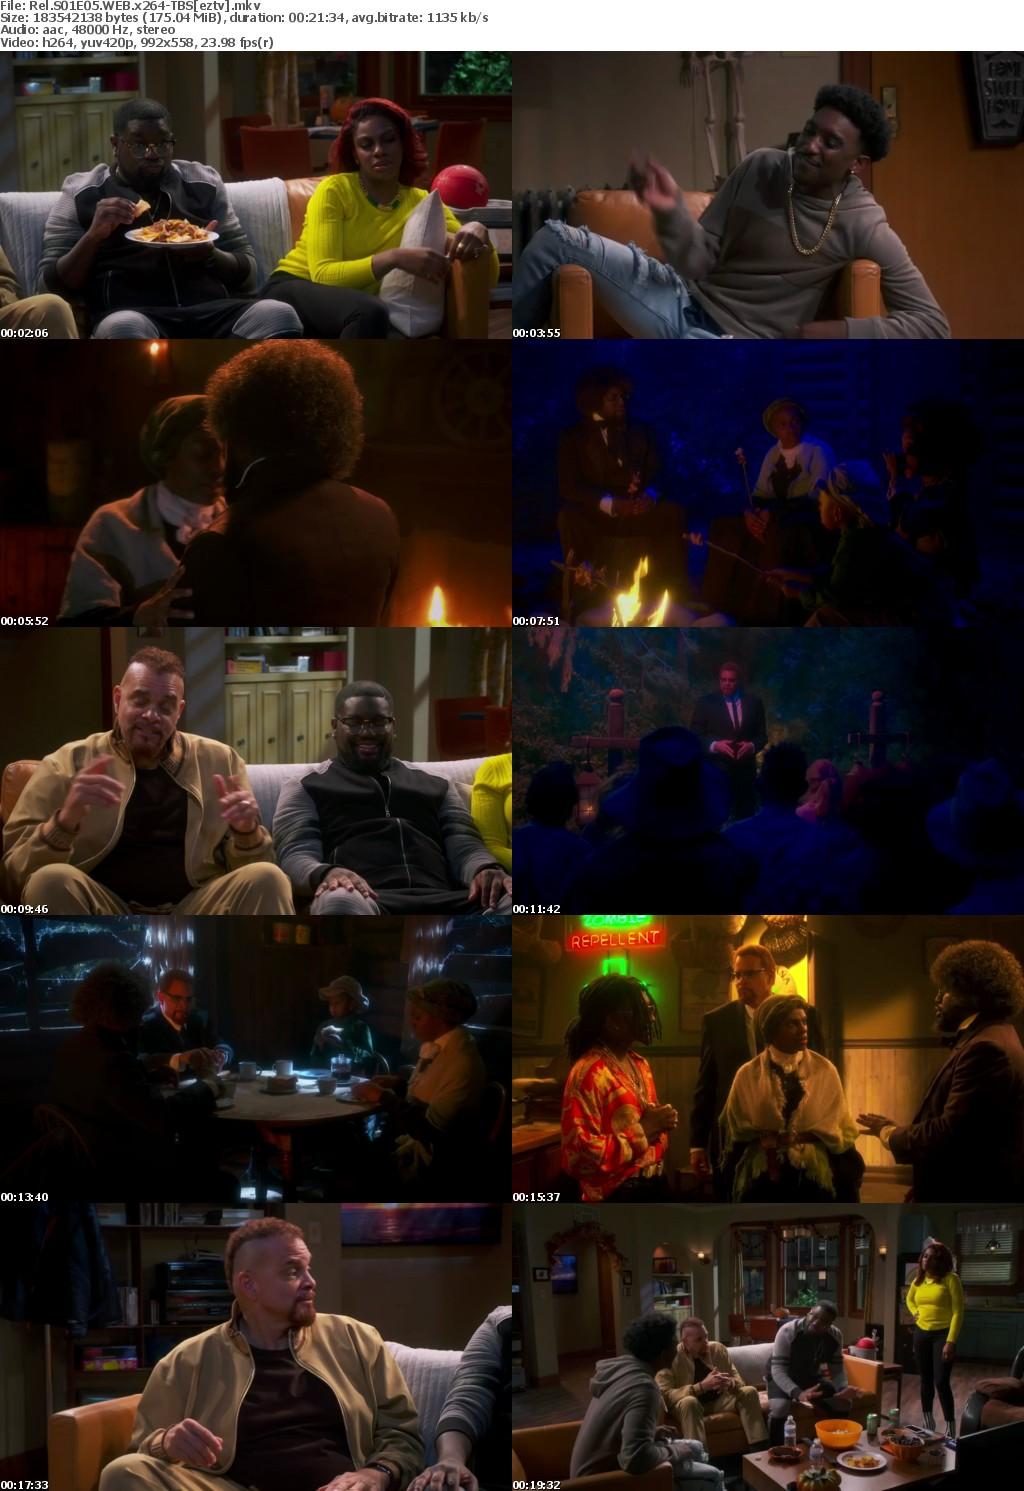 Rel S01E05 WEB x264-TBS